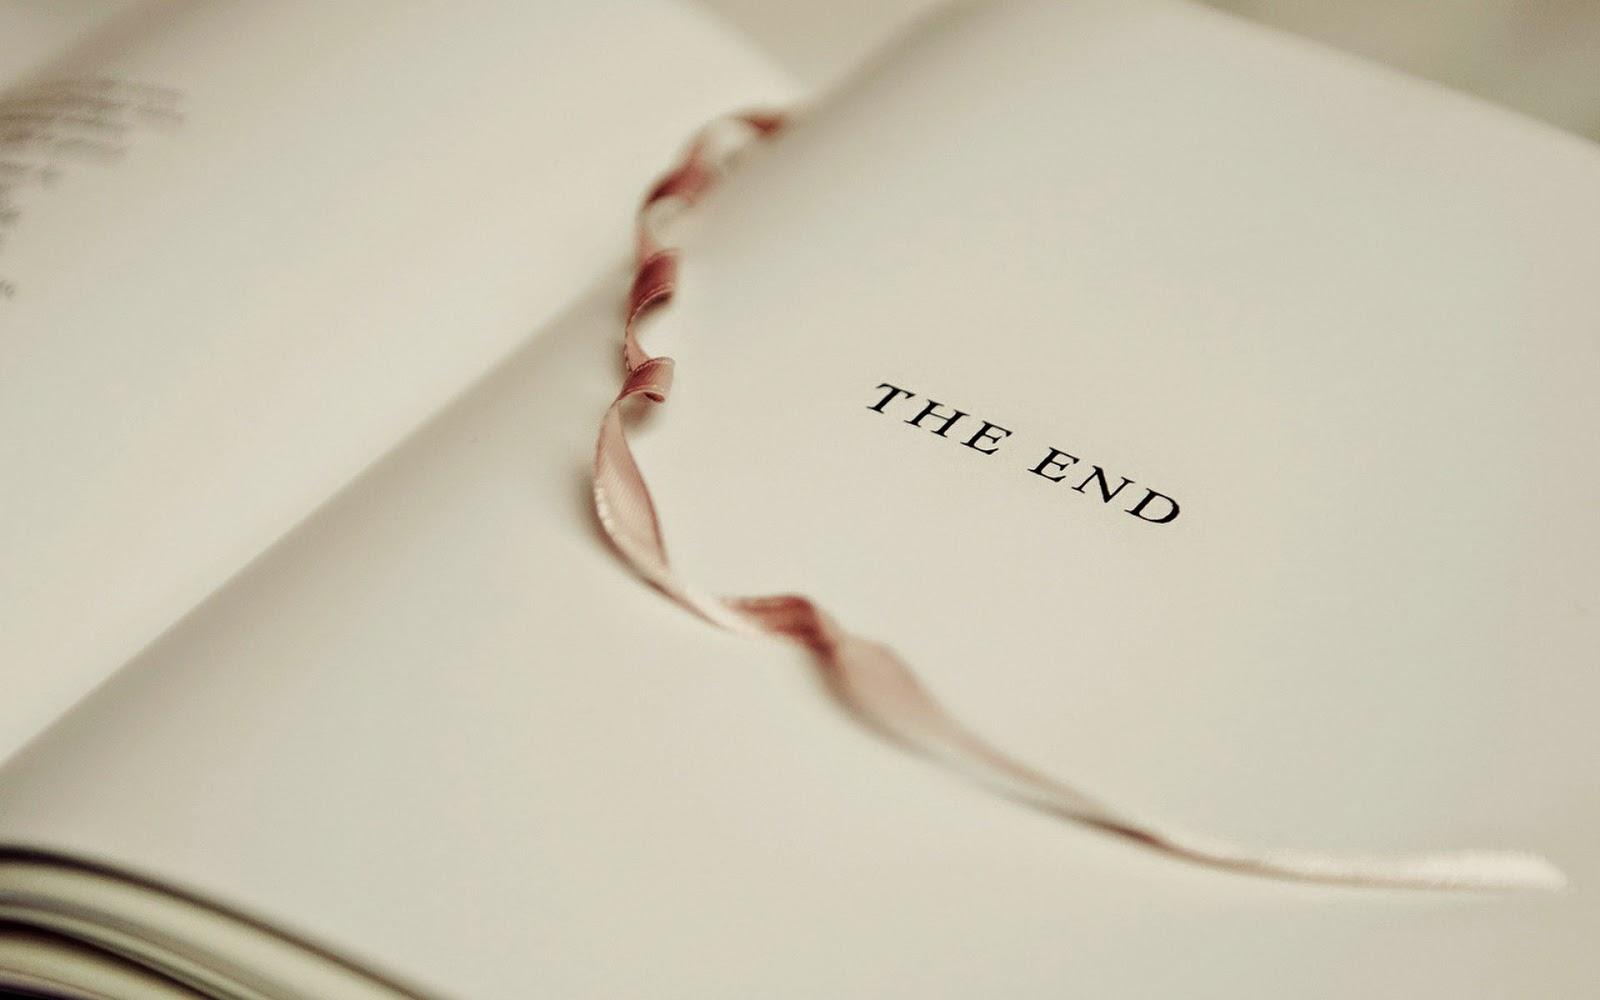 God ken die einde van die storie!